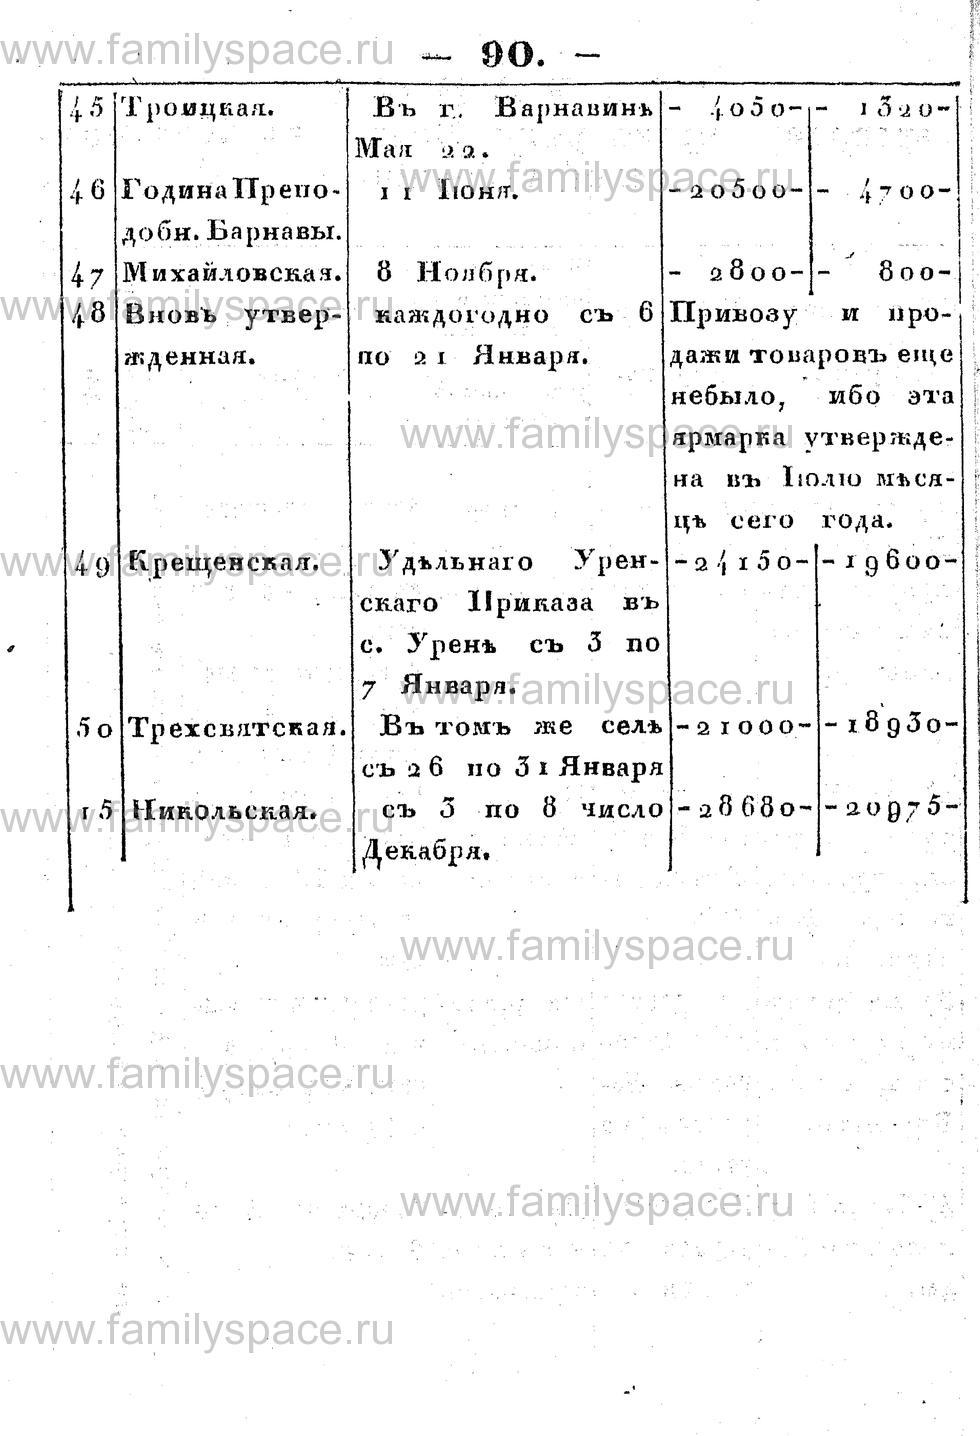 Поиск по фамилии - Памятная книжка Костромской губернии на 1853 год, страница 90